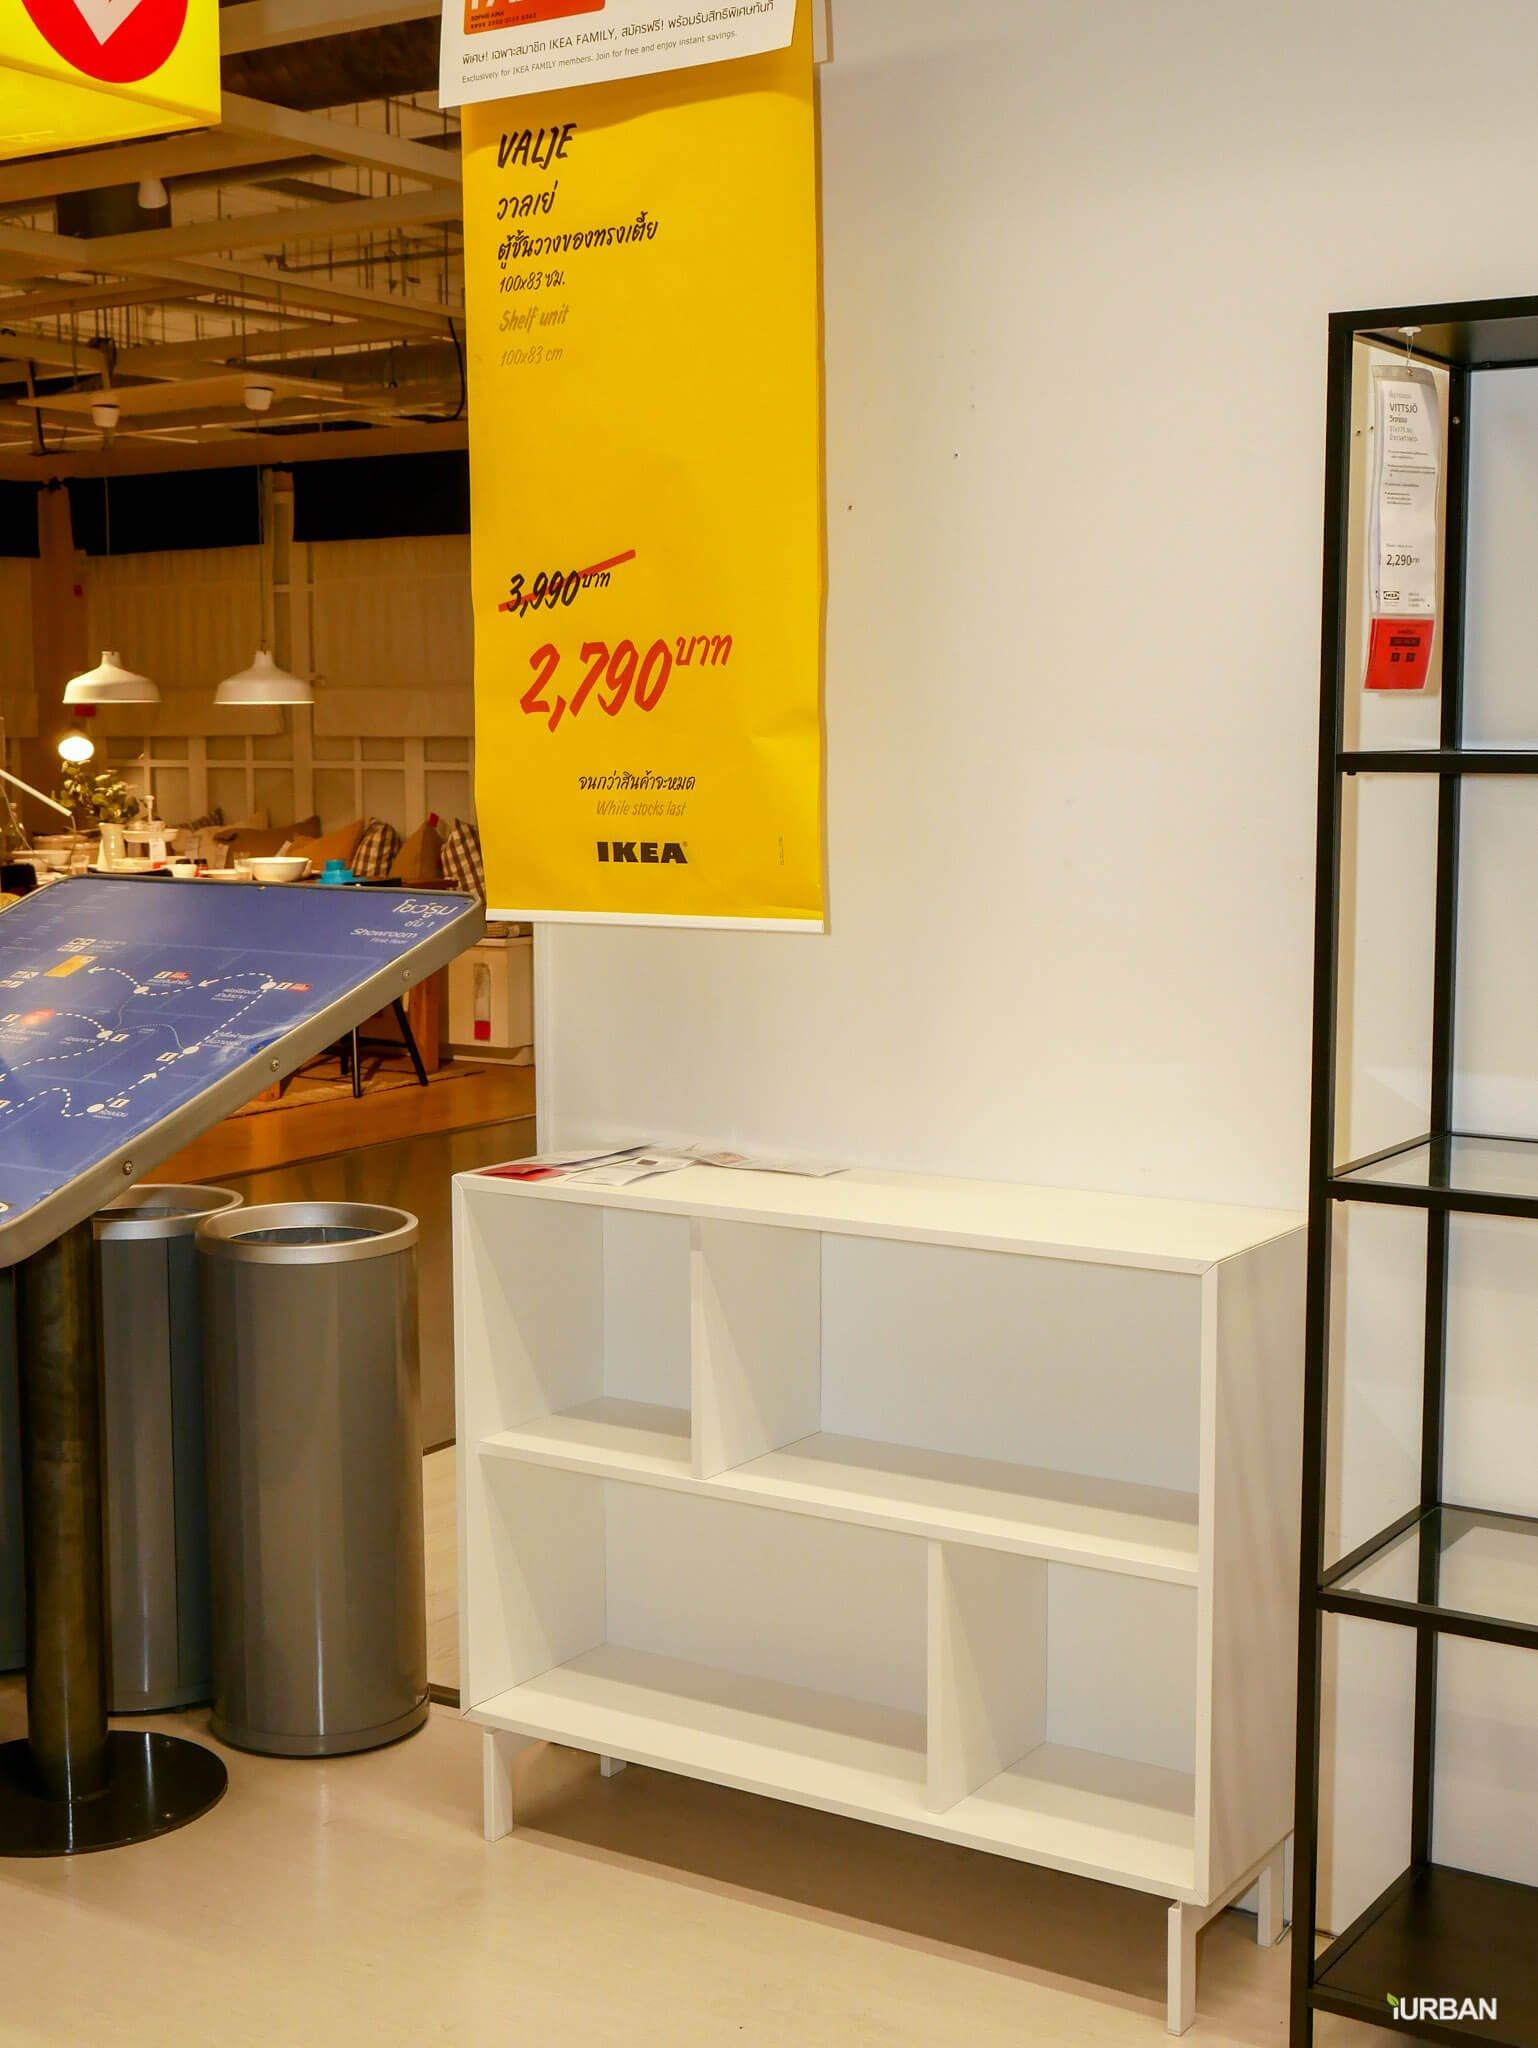 มันเยอะมากกกก!! IKEA Year End SALE 2017 รวมของเซลในอิเกีย ลดเยอะ ลดแหลก รีบพุ่งตัวไป วันนี้ - 7 มกราคม 61 24 - IKEA (อิเกีย)